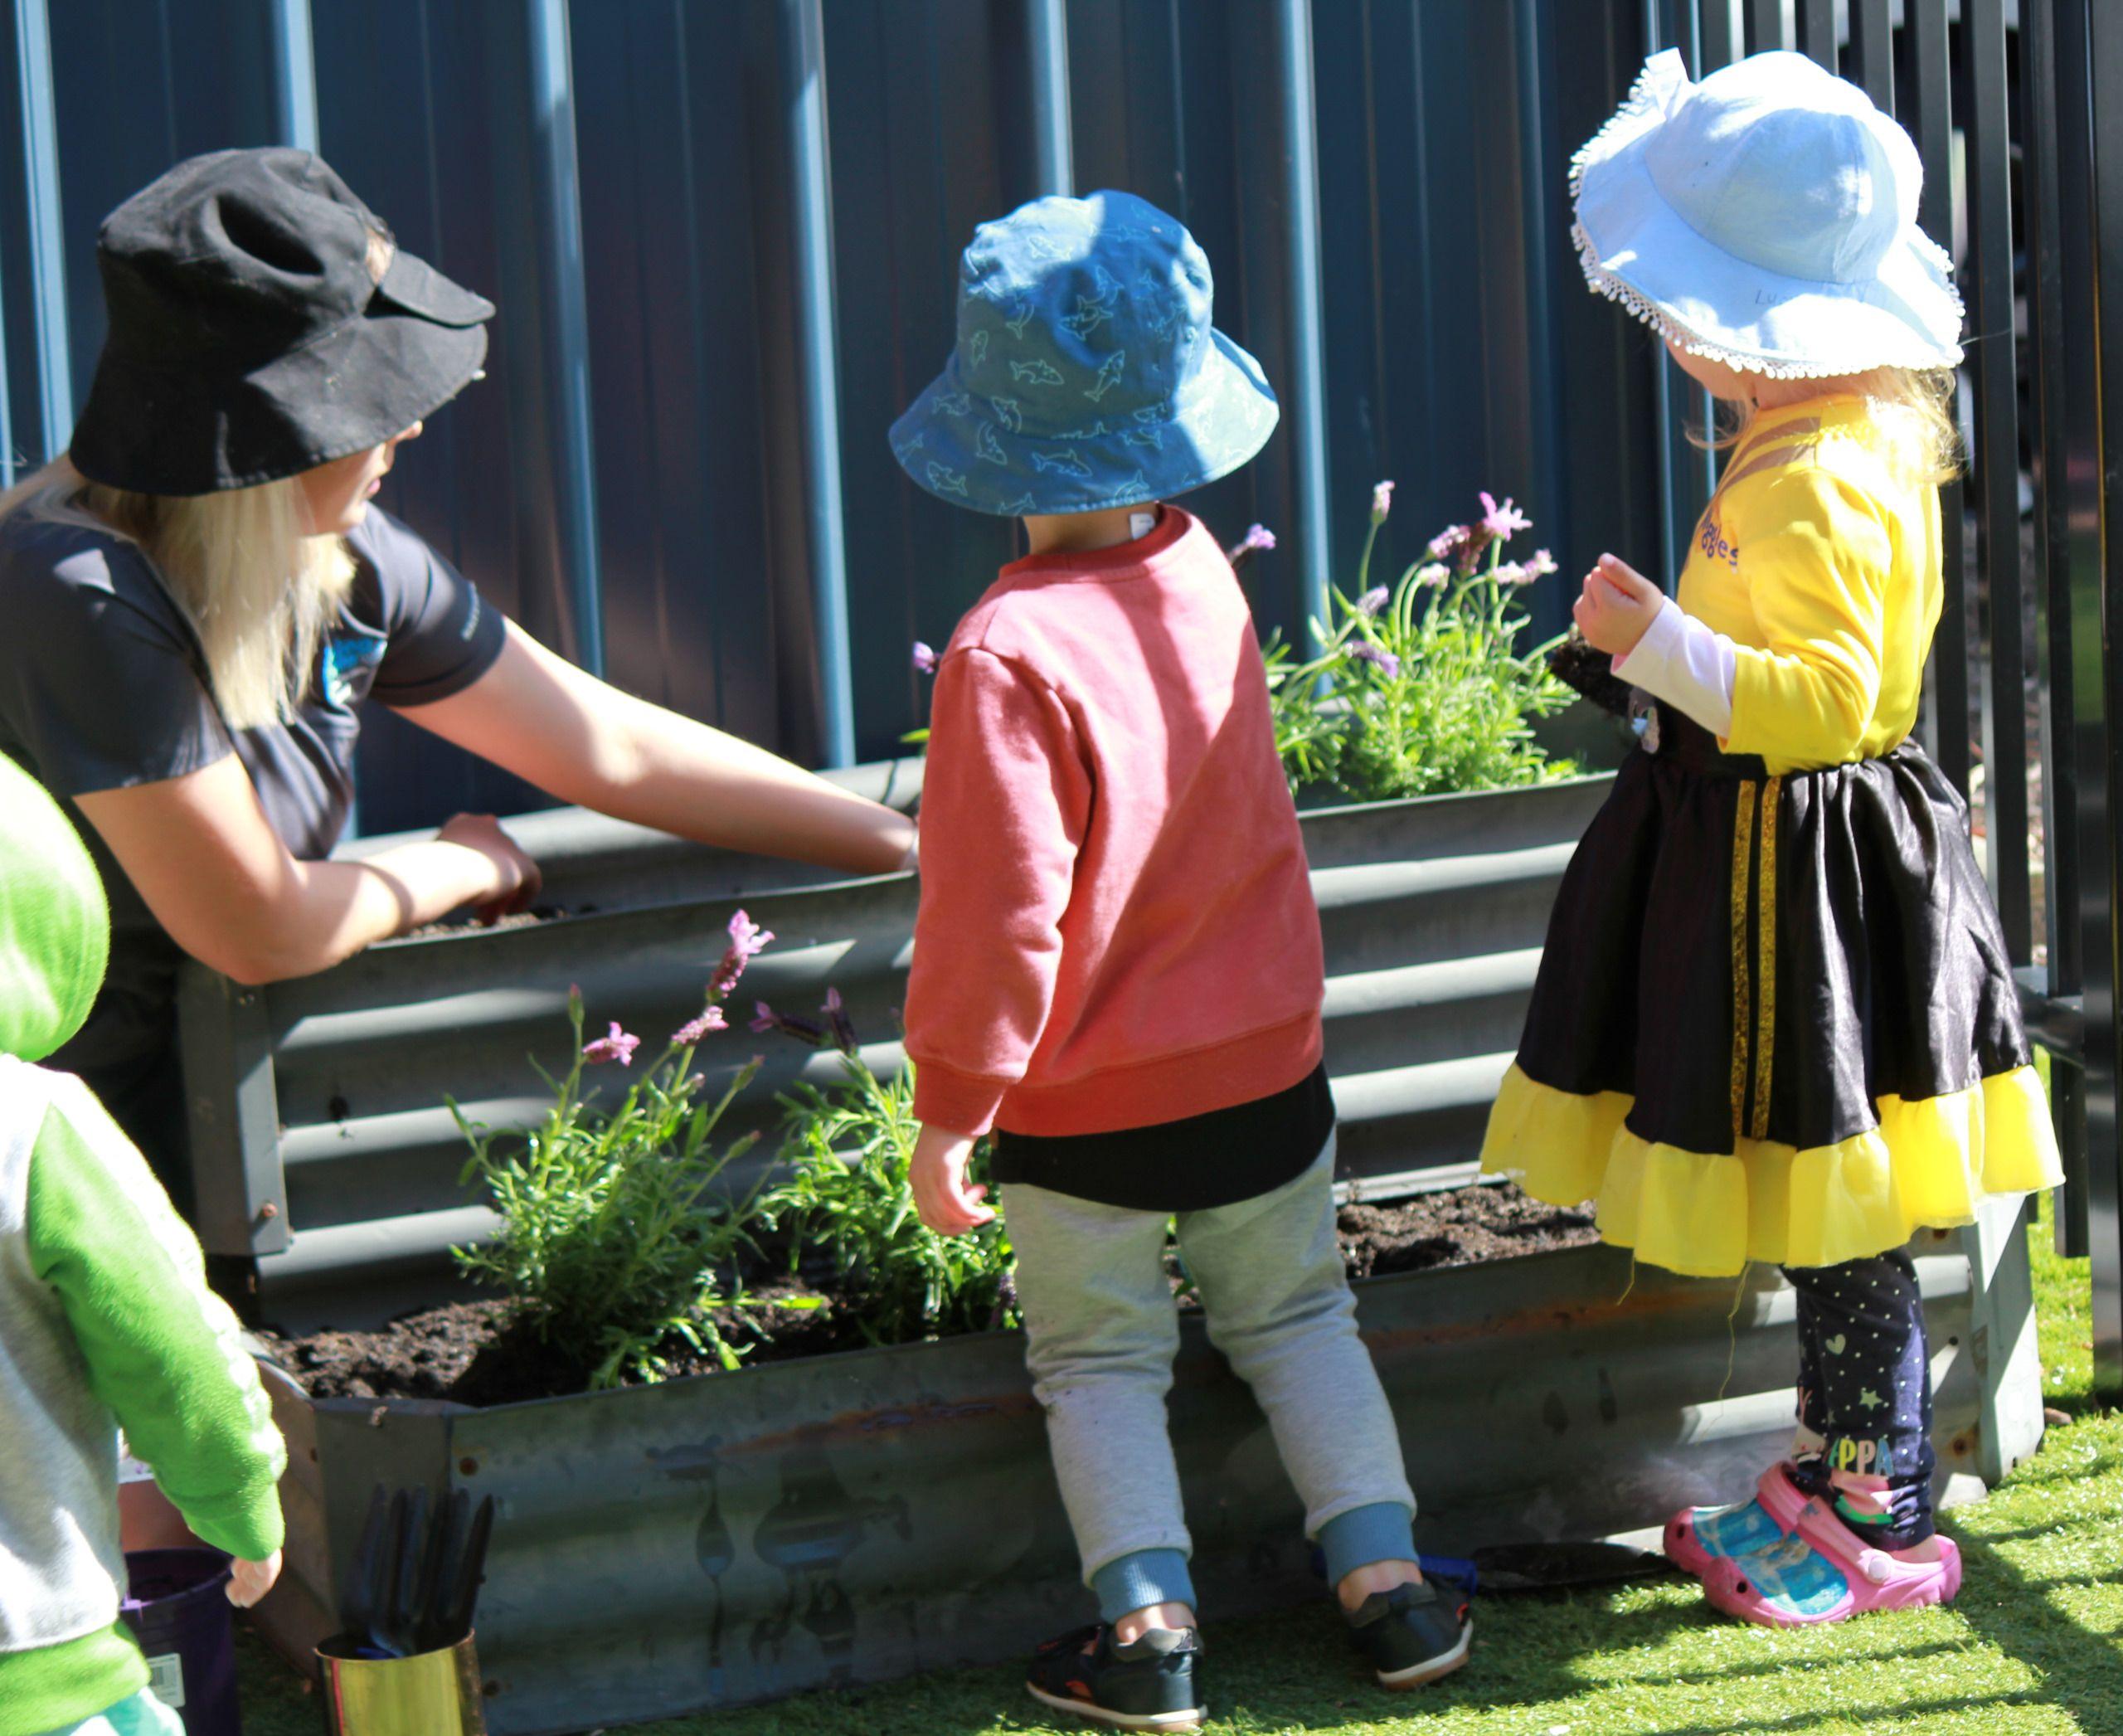 Educator and kids gardening